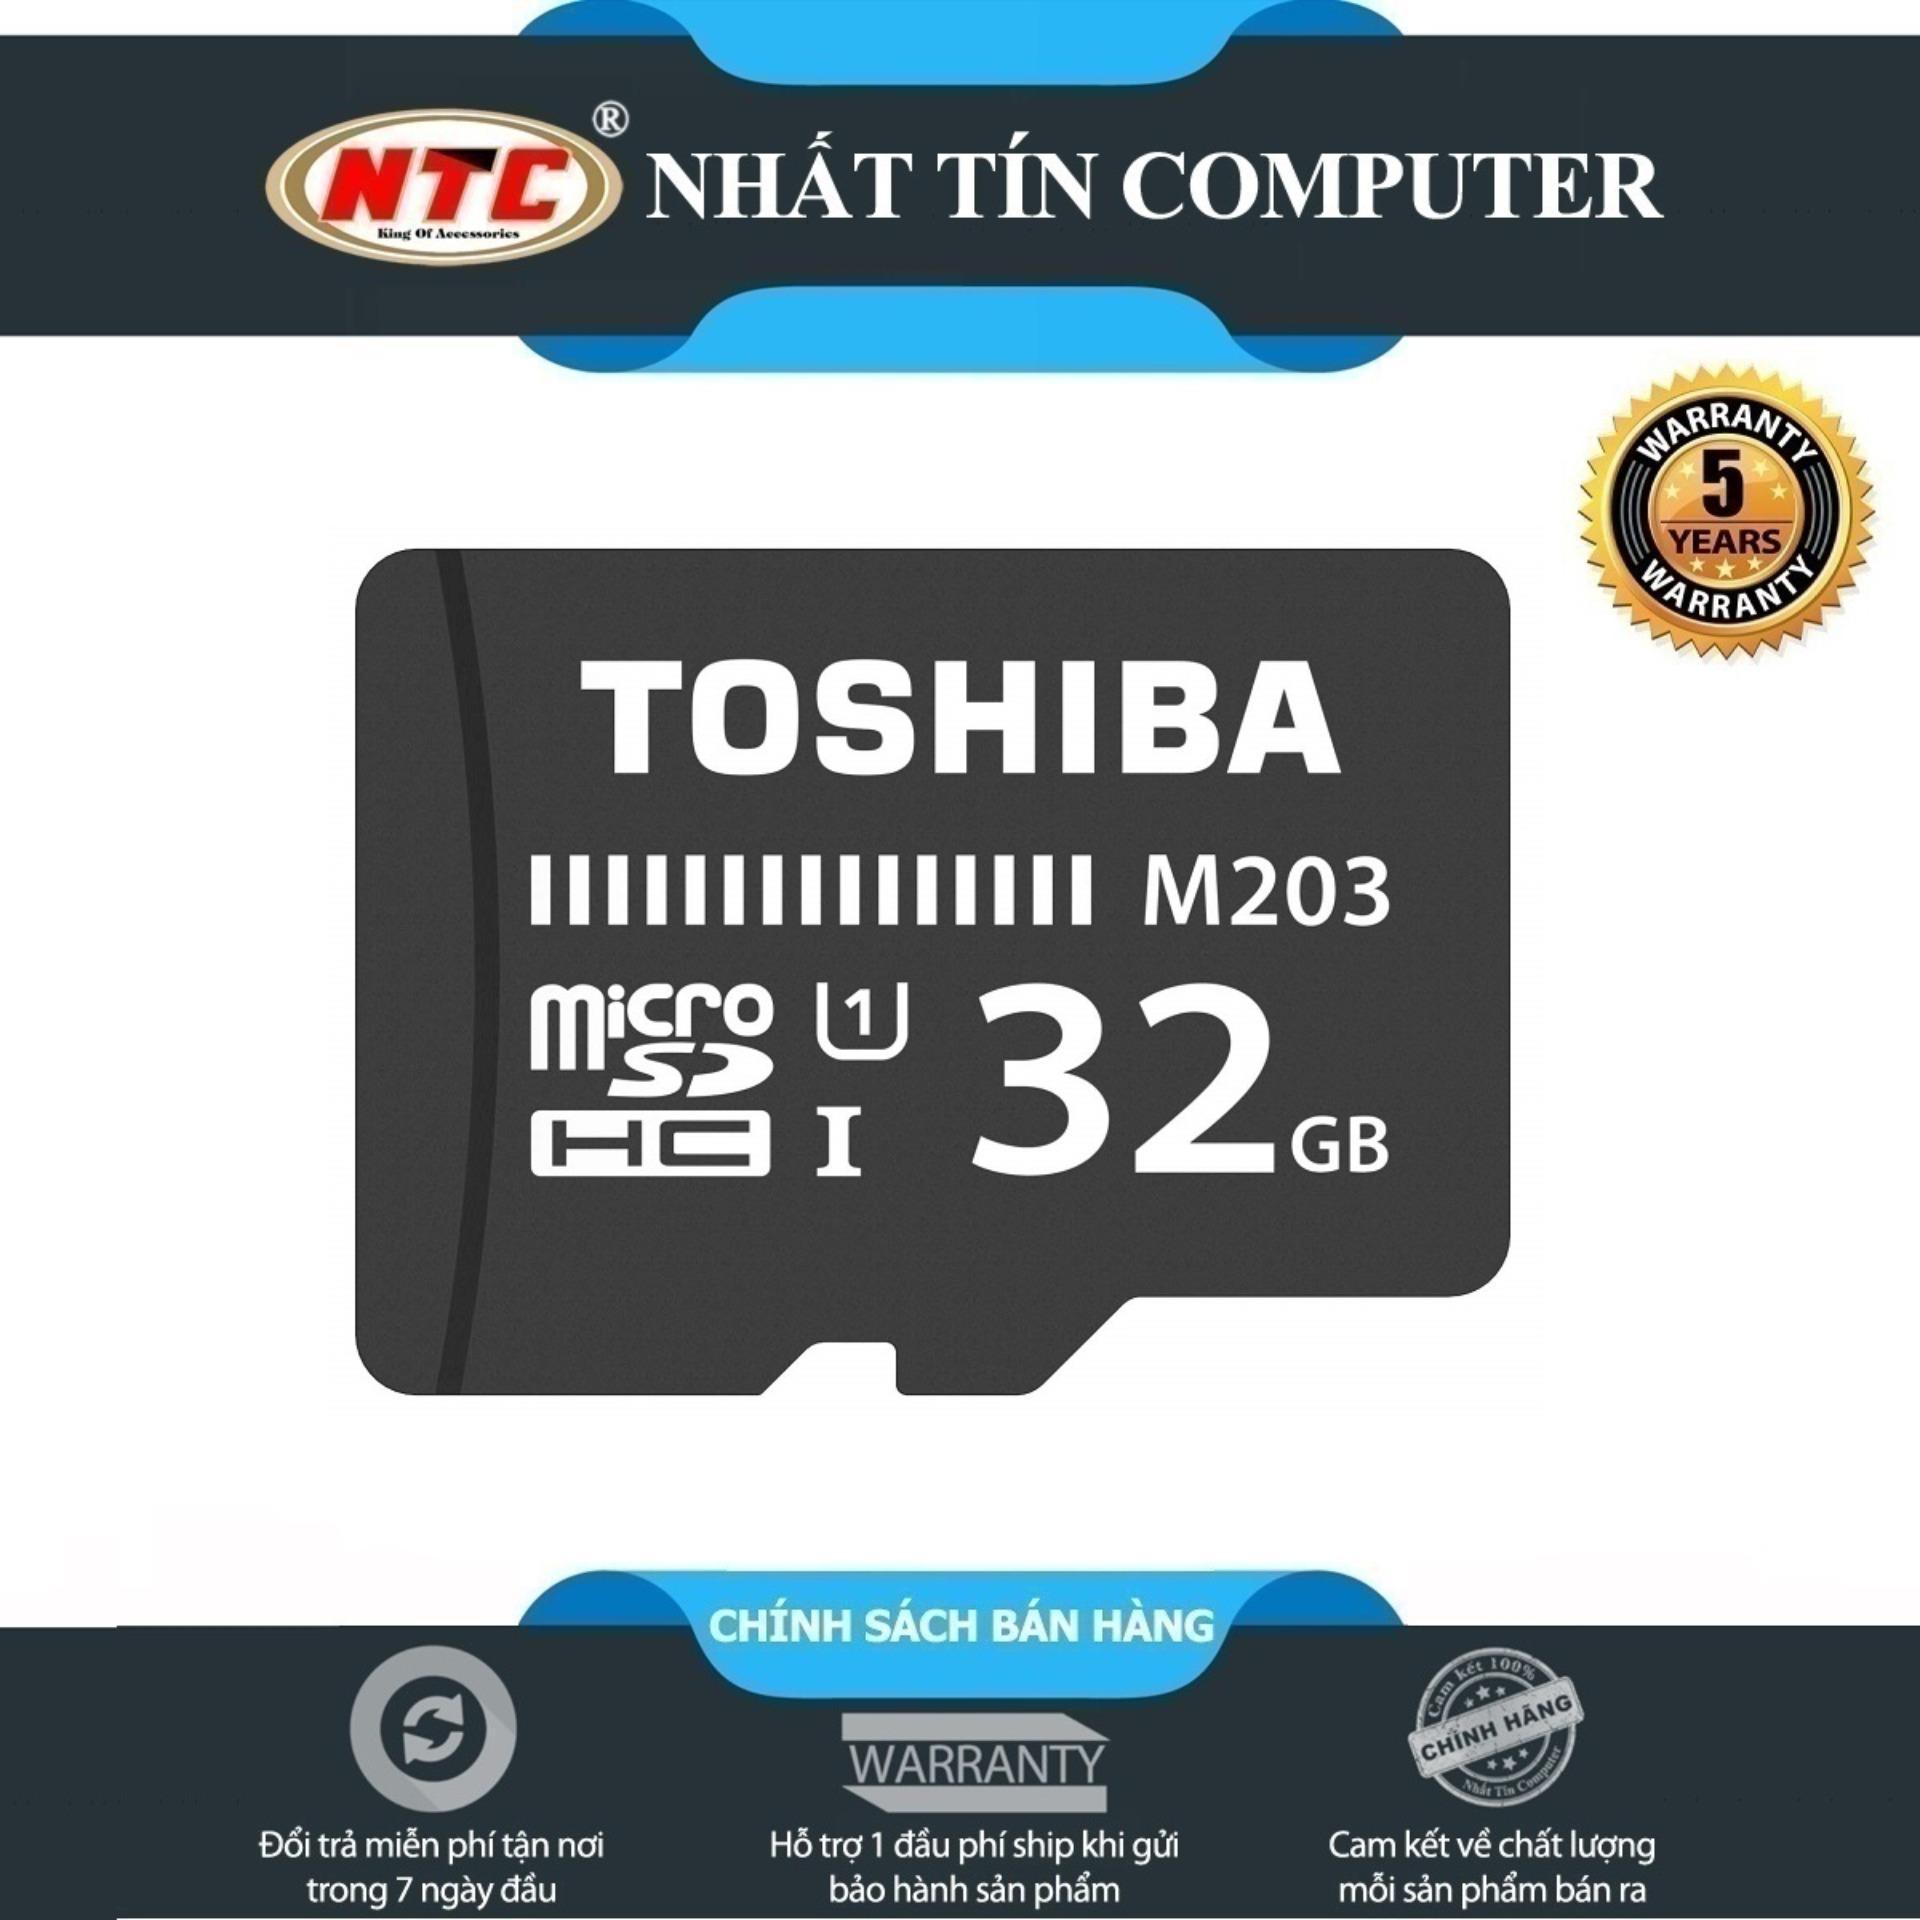 [HCM]Thẻ nhớ MicroSDHC Toshiba M203 UHS-I U1 32GB 100MB/s (Đen) - Không Box - Nhất Tín Computer